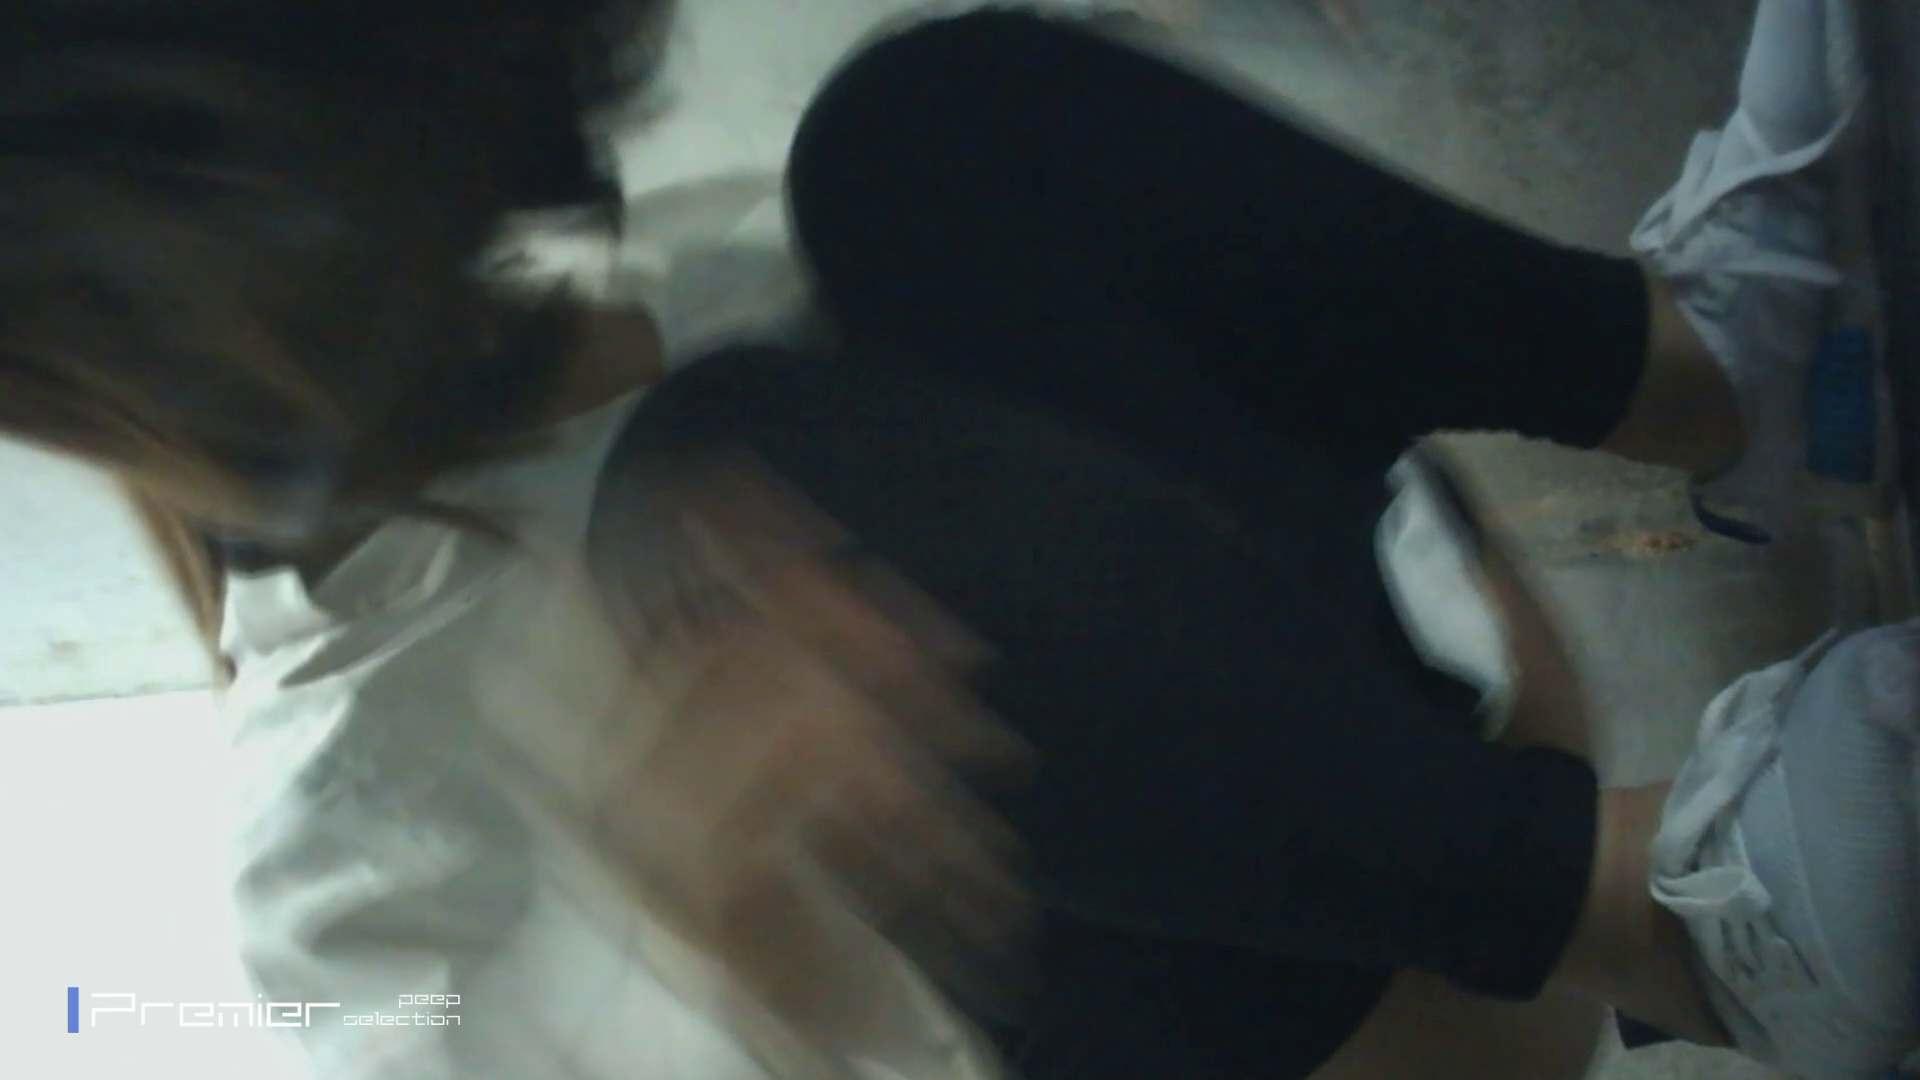 おとなしそうな女の子 トイレシーンを密着盗撮!! 美女の痴態に密着!Vol.24 美女ハメ撮り  49Pix 19